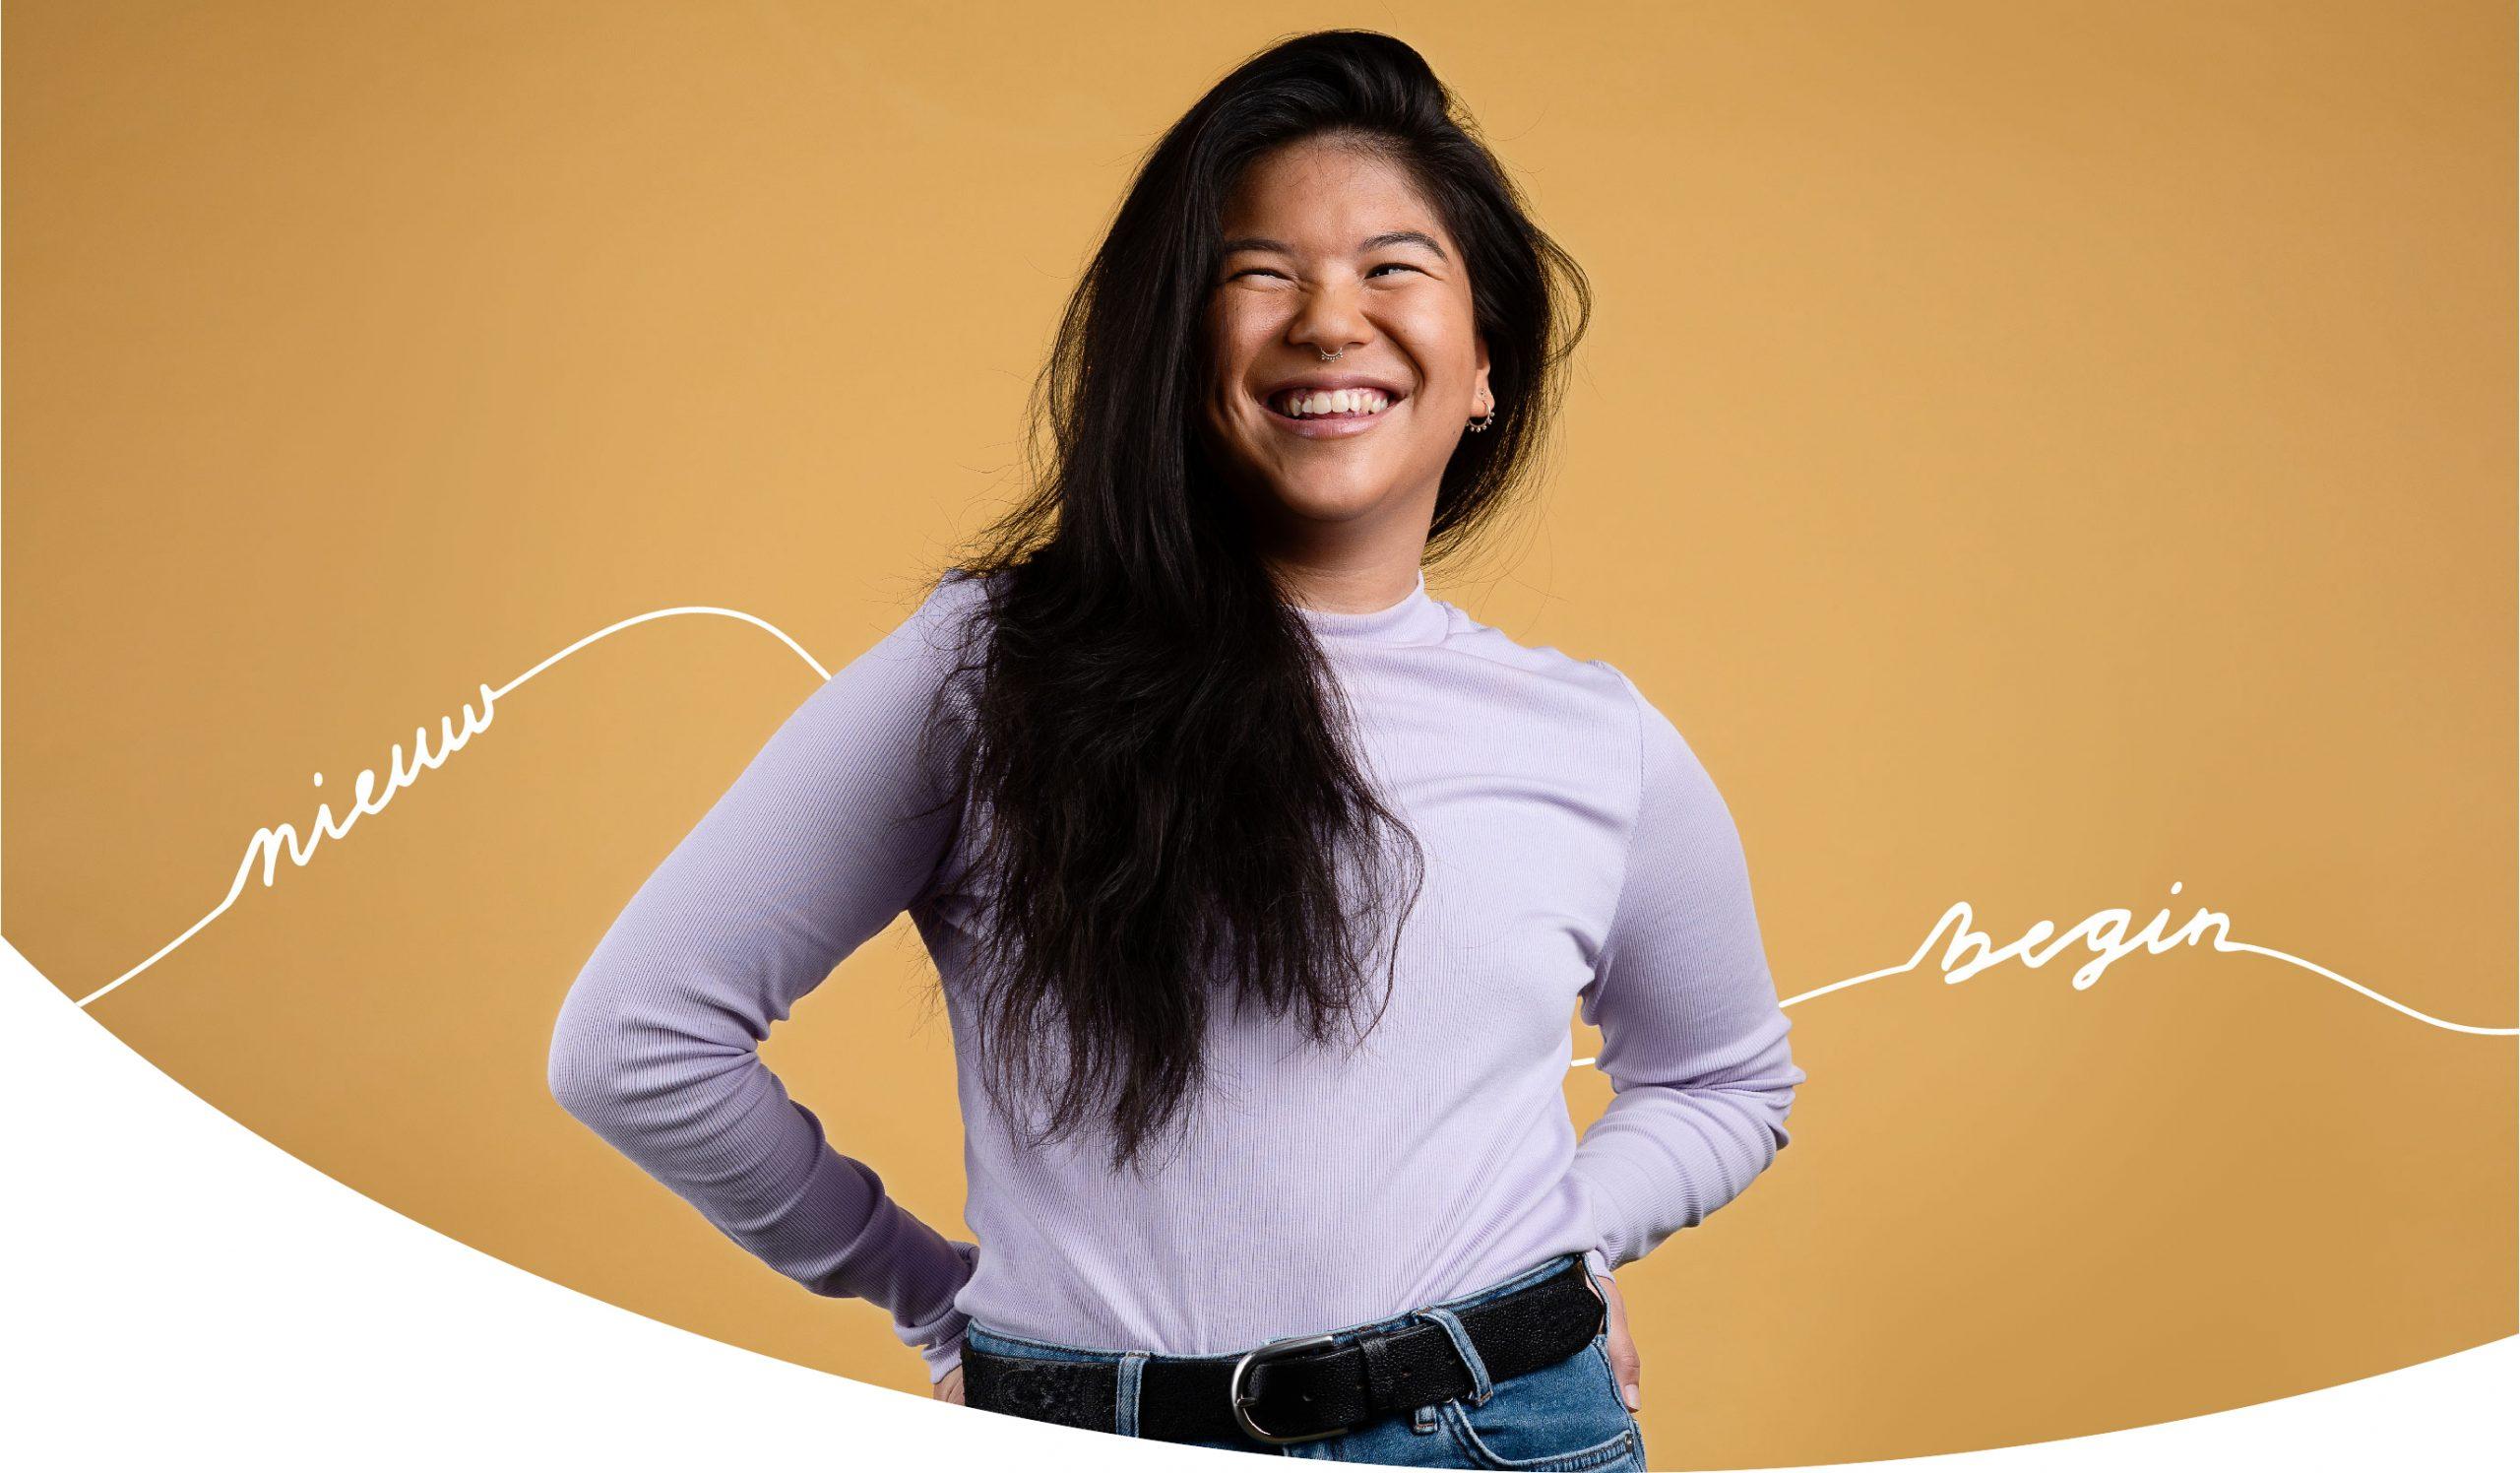 Banner beeld voor het project van Stichting D'Roem campagne studio shot voor gele achtergrond met een jonge vrouw ervoor